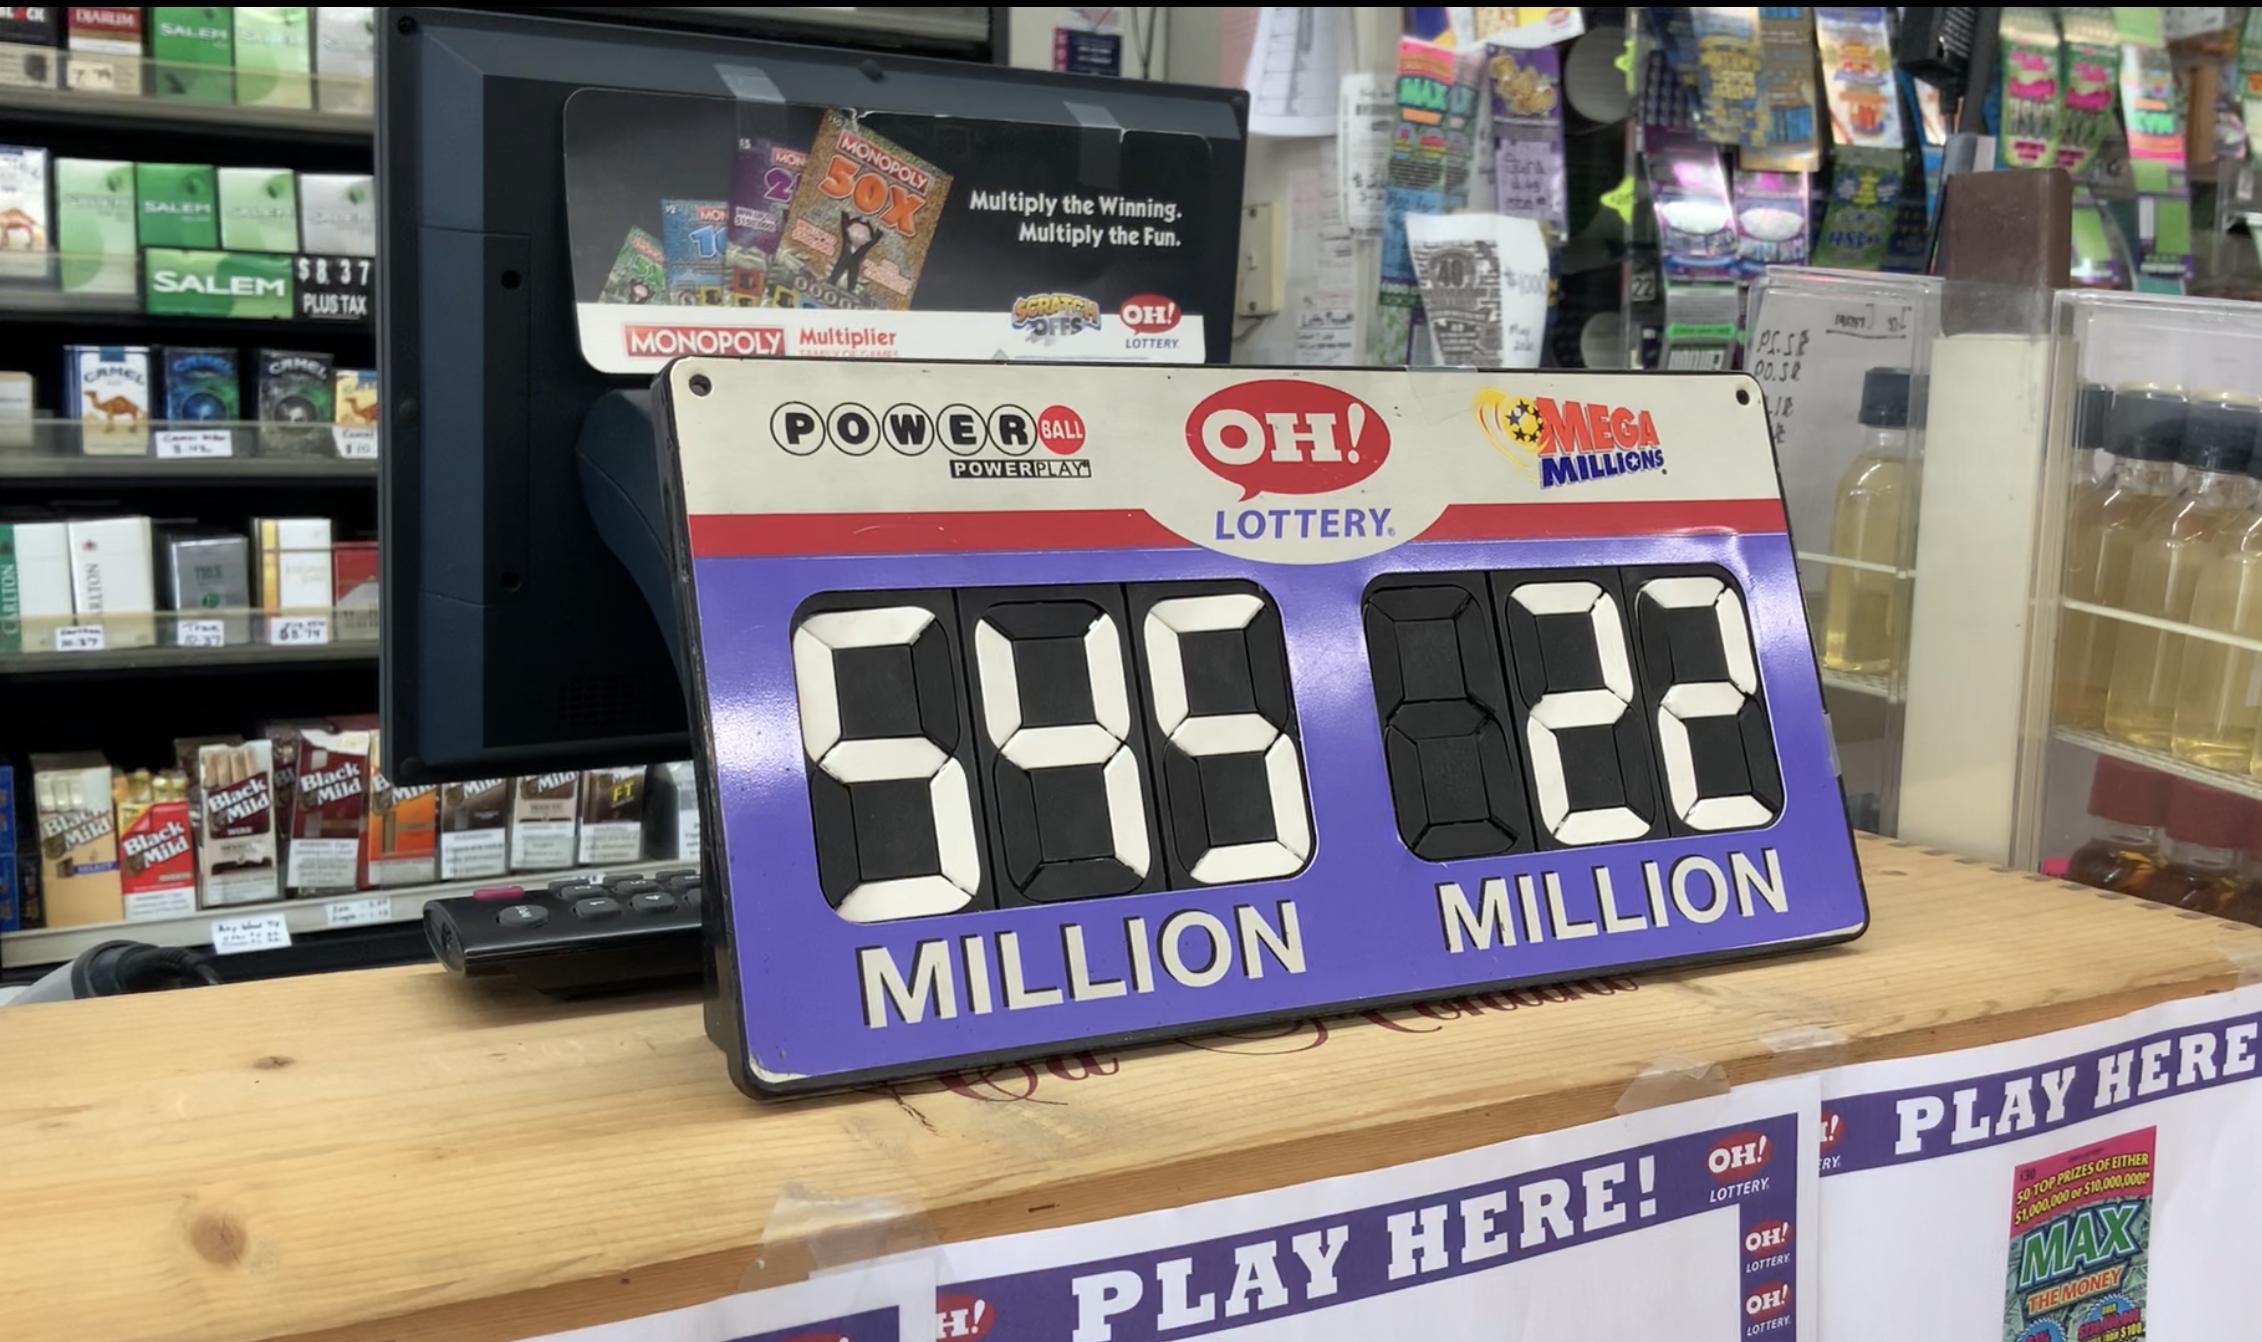 $545 million Powerball lottery